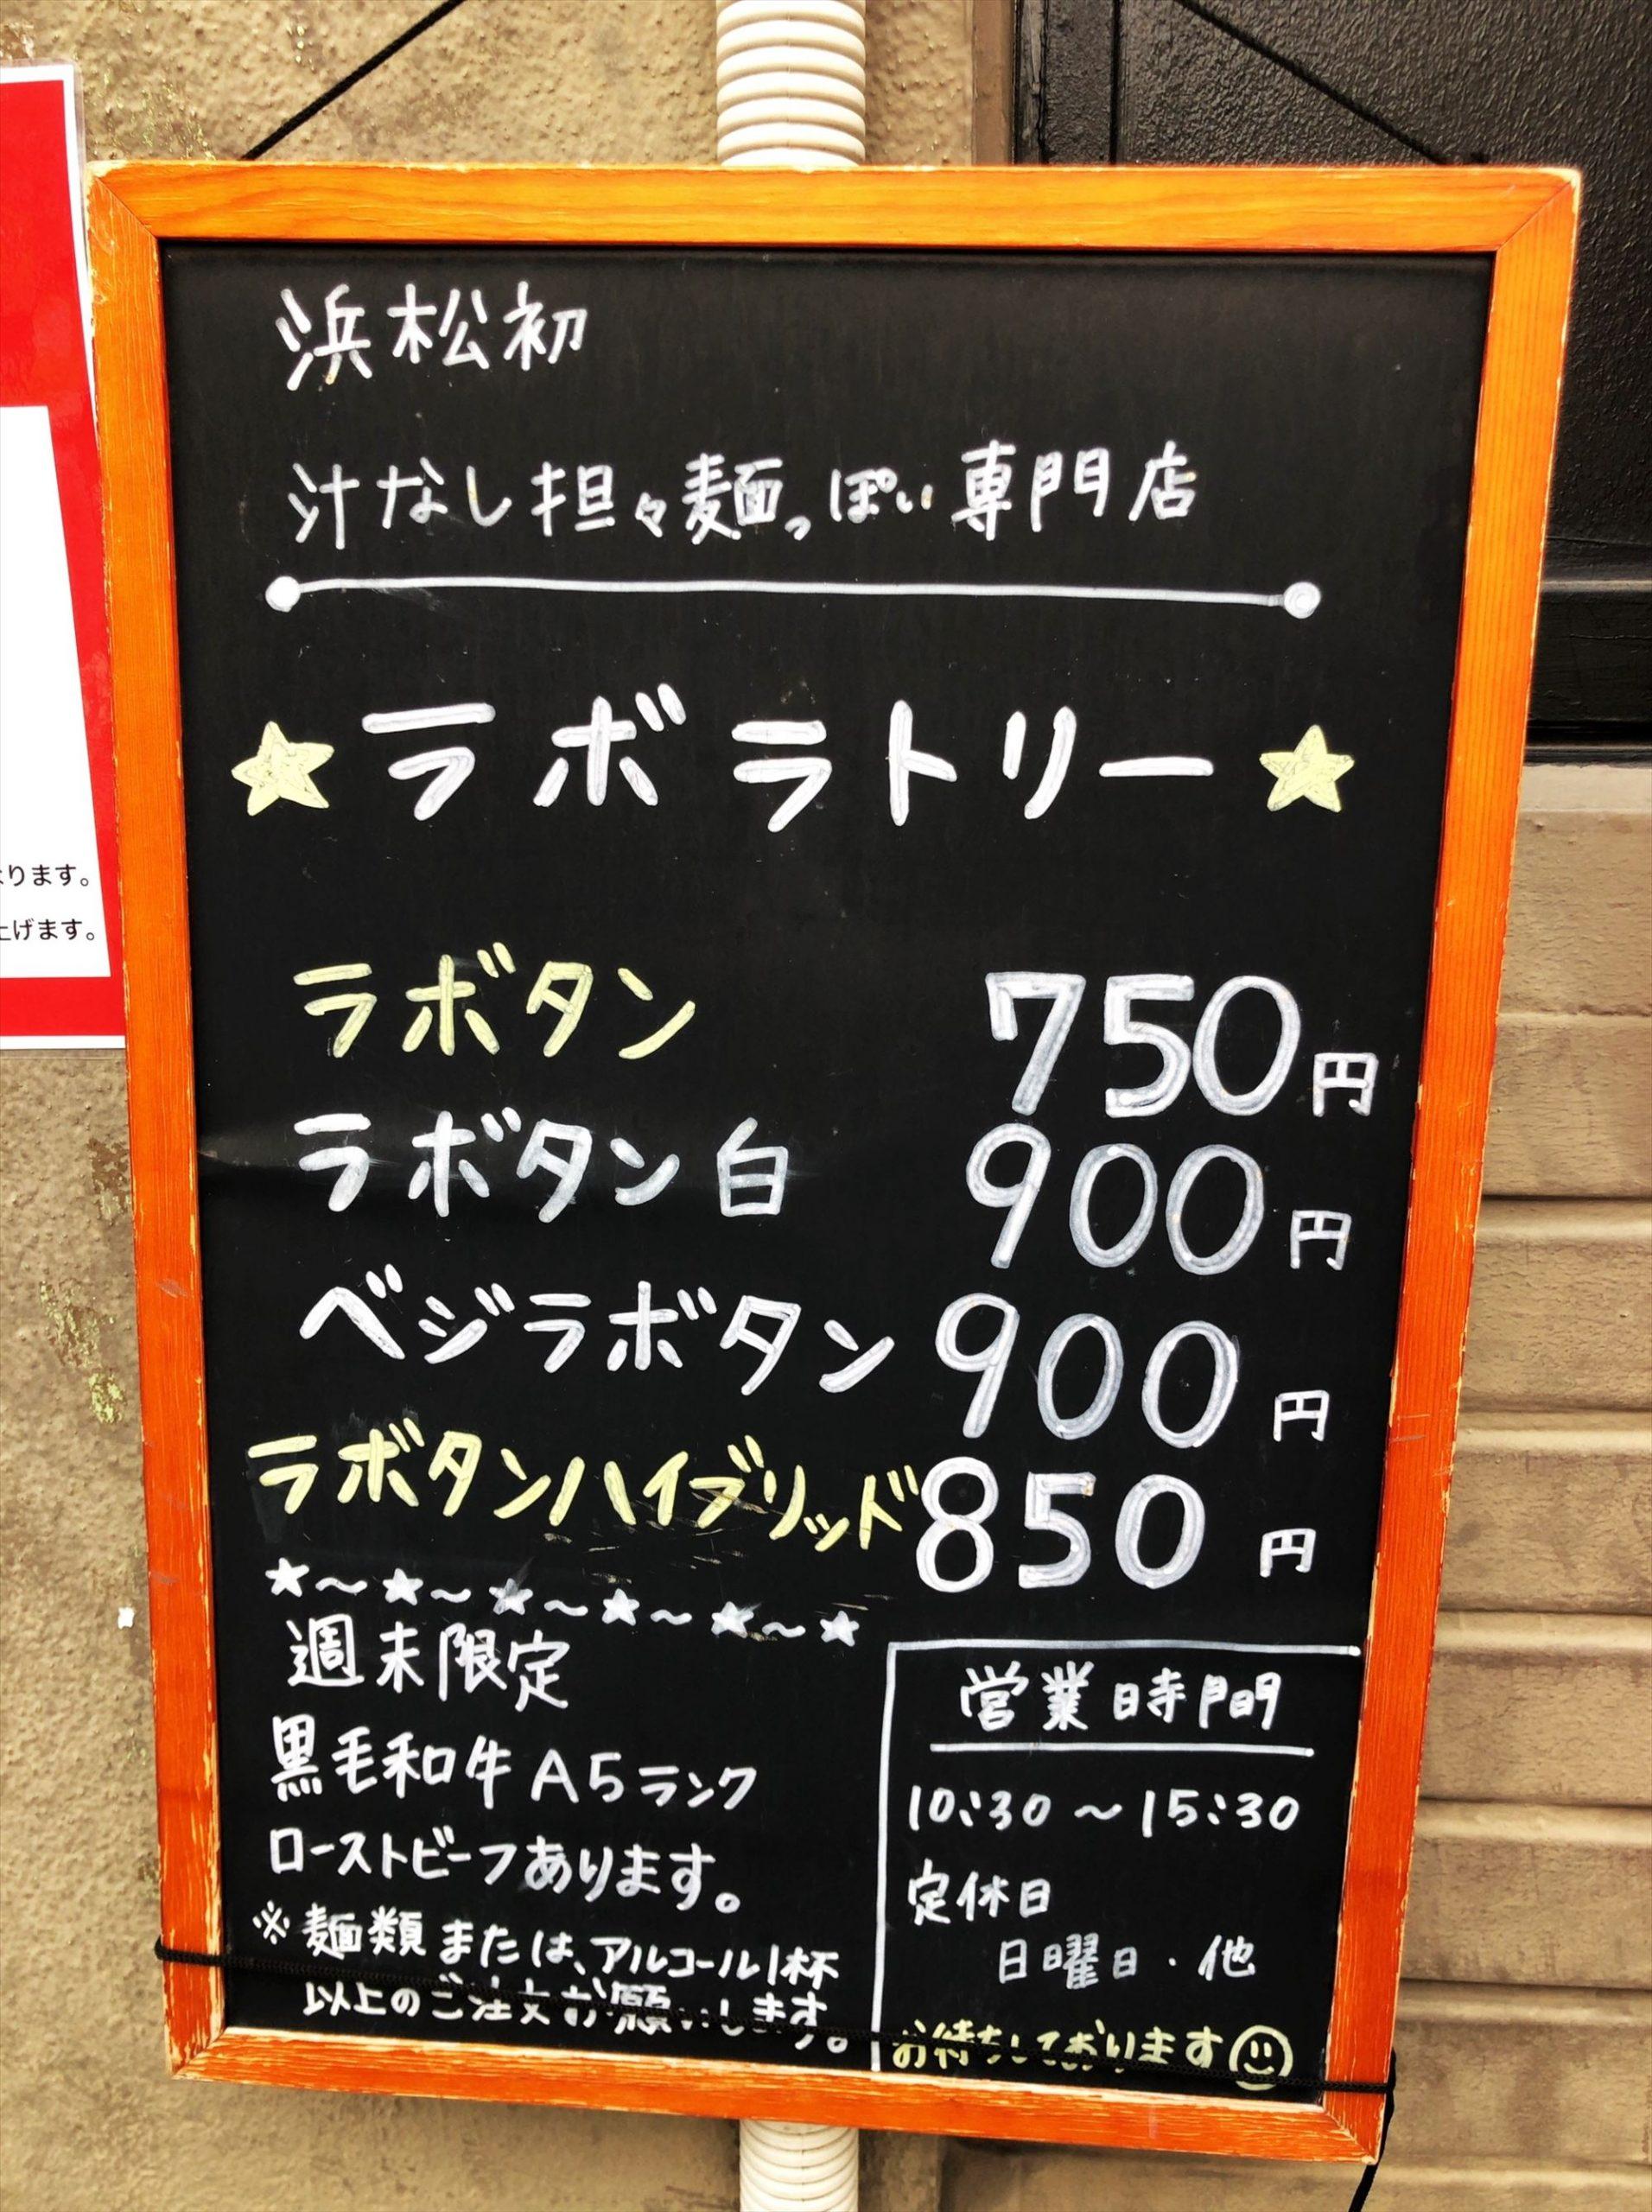 汁なし担々麺っぽい専門店 ラボラトリーの外観